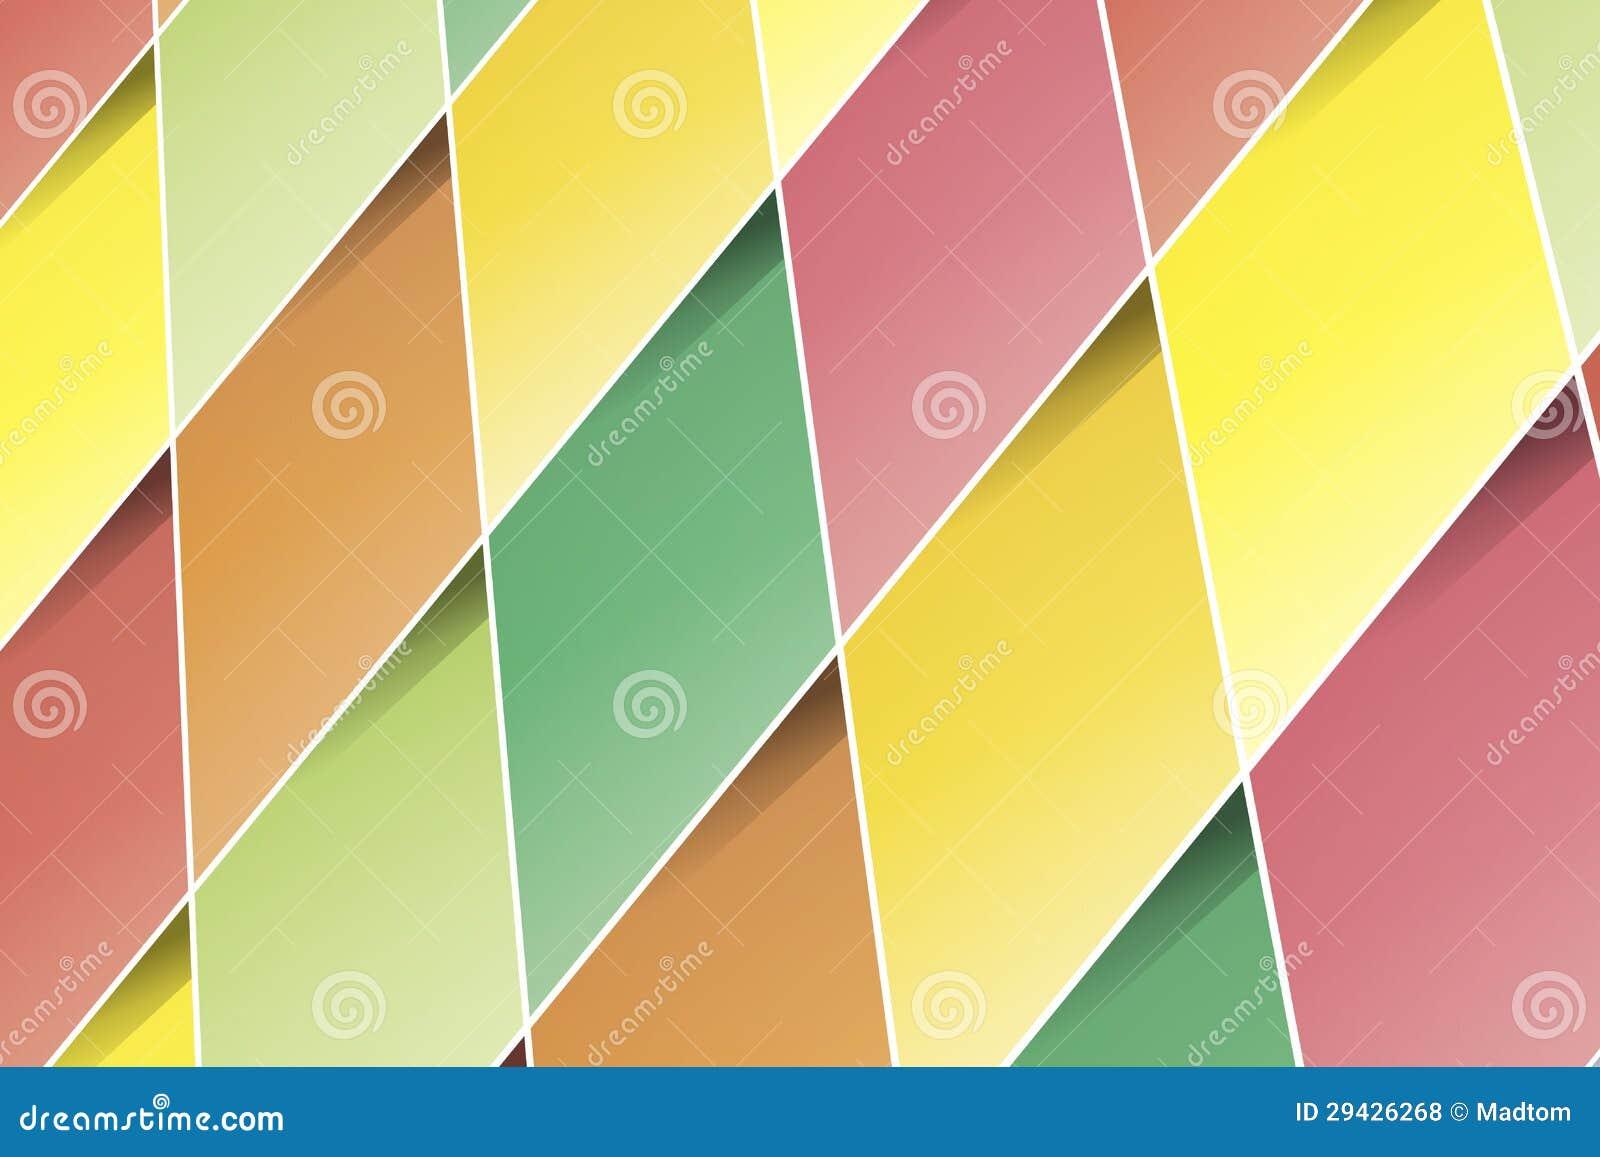 透视图长方形图片